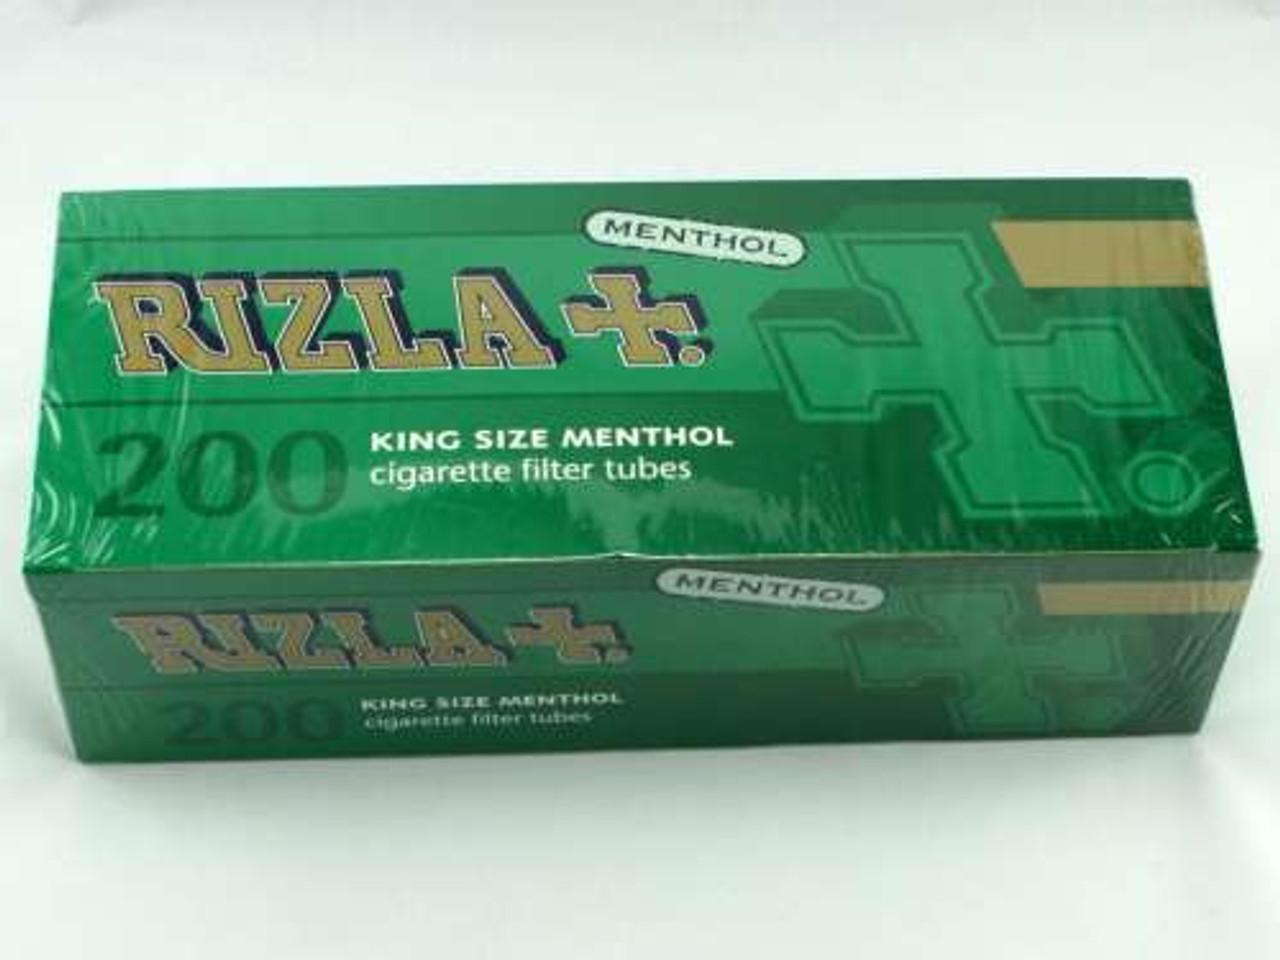 Rizla Menthol King Size Cigarette Tubes